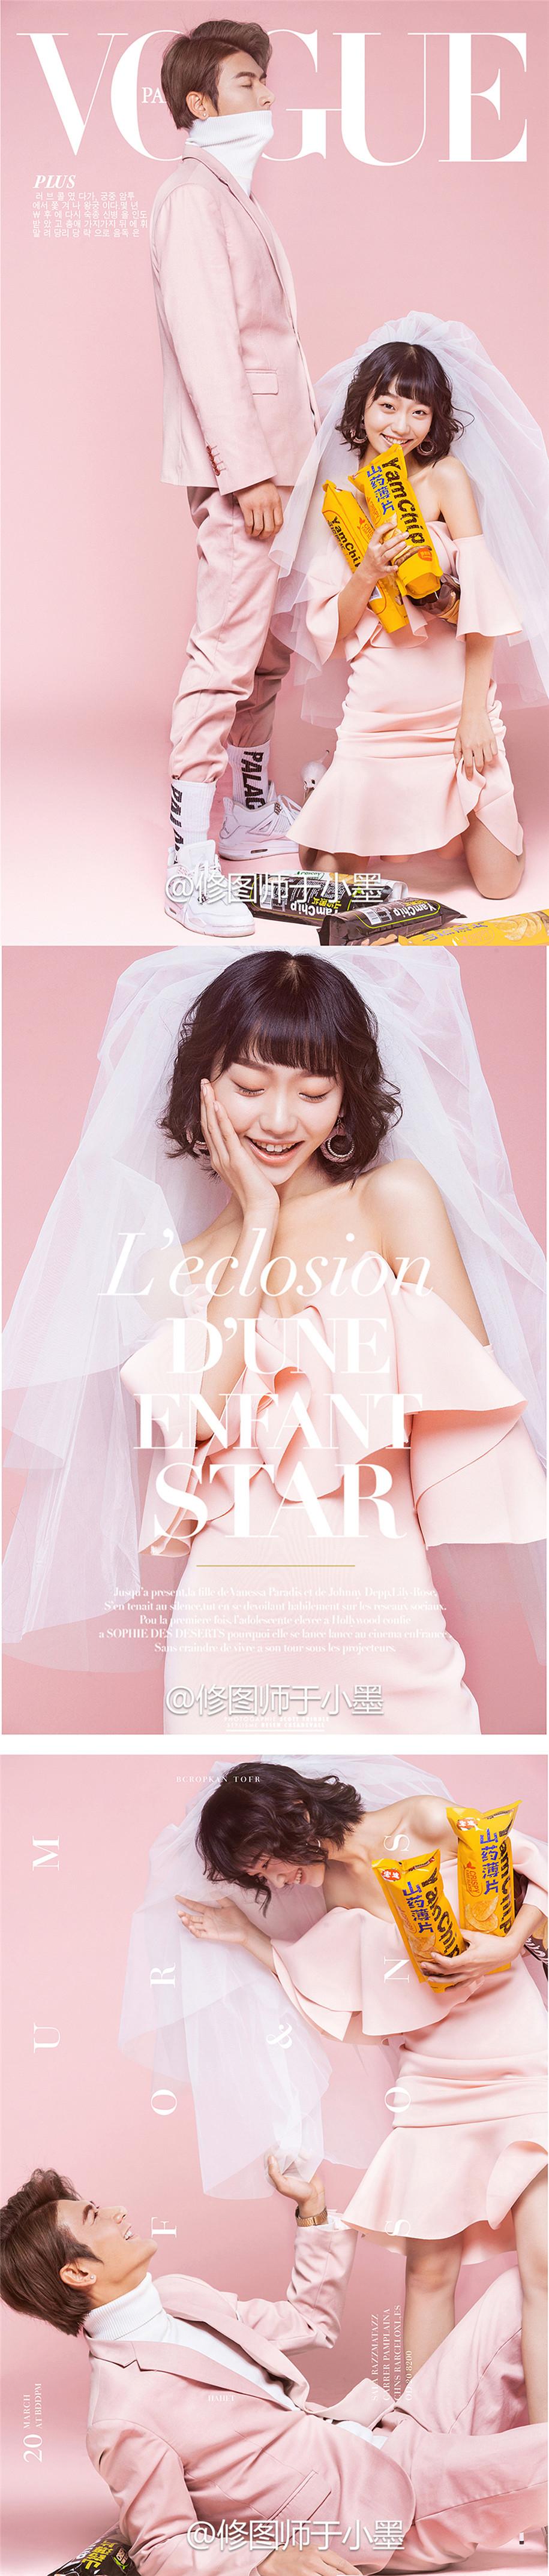 粉色世界 婚纱照